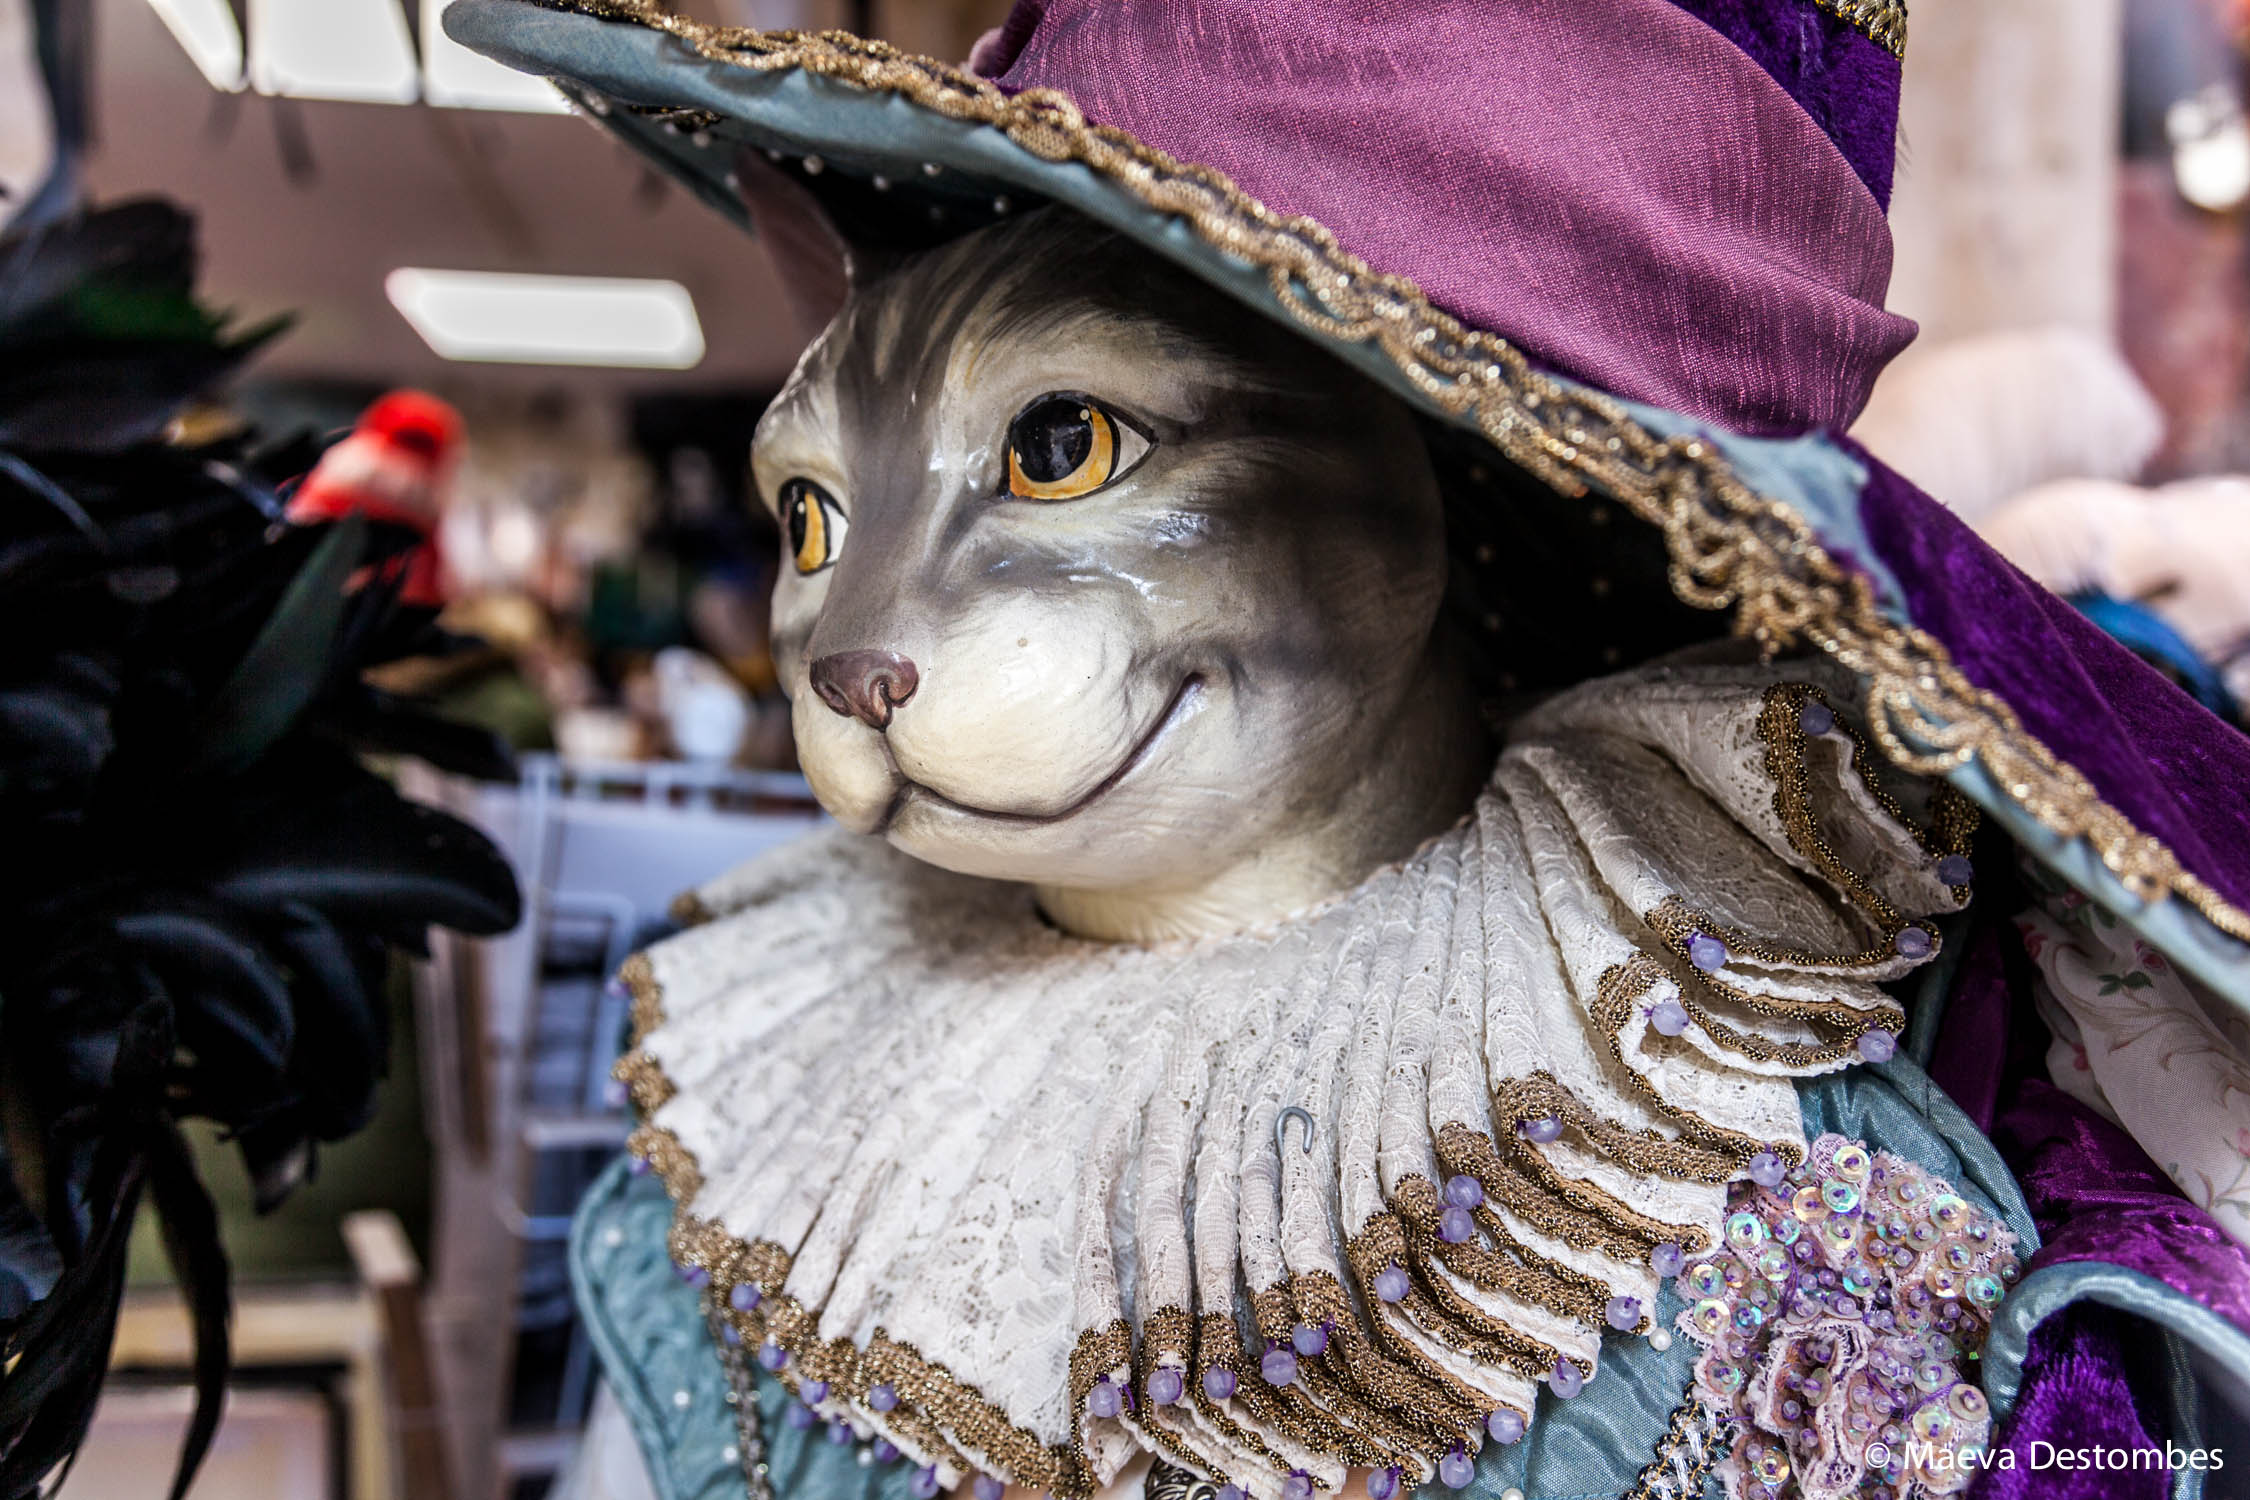 Une sculpture de chat botté dans une boutique lors du carnaval de Venise